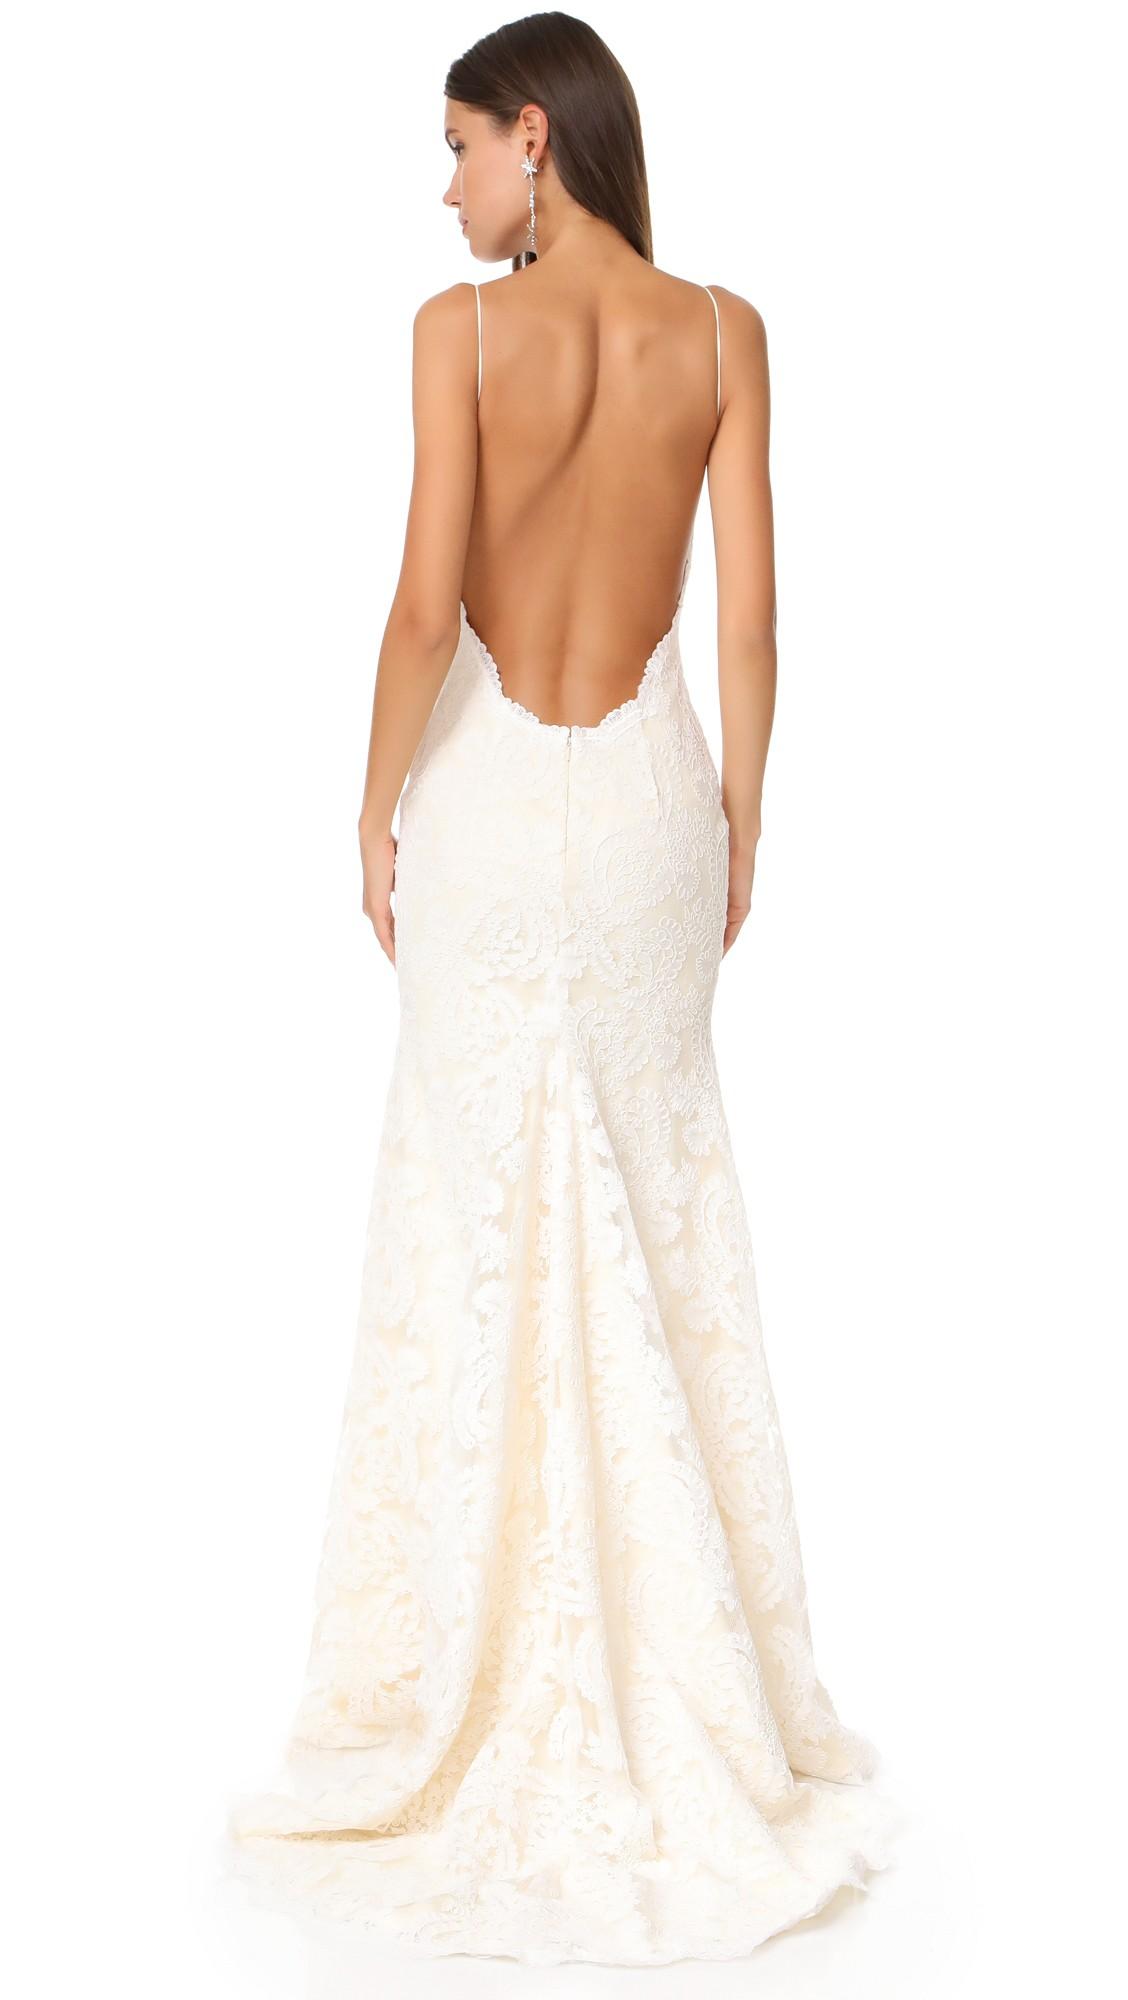 Katie May - black friday sales for bride, bridesmaid, groom